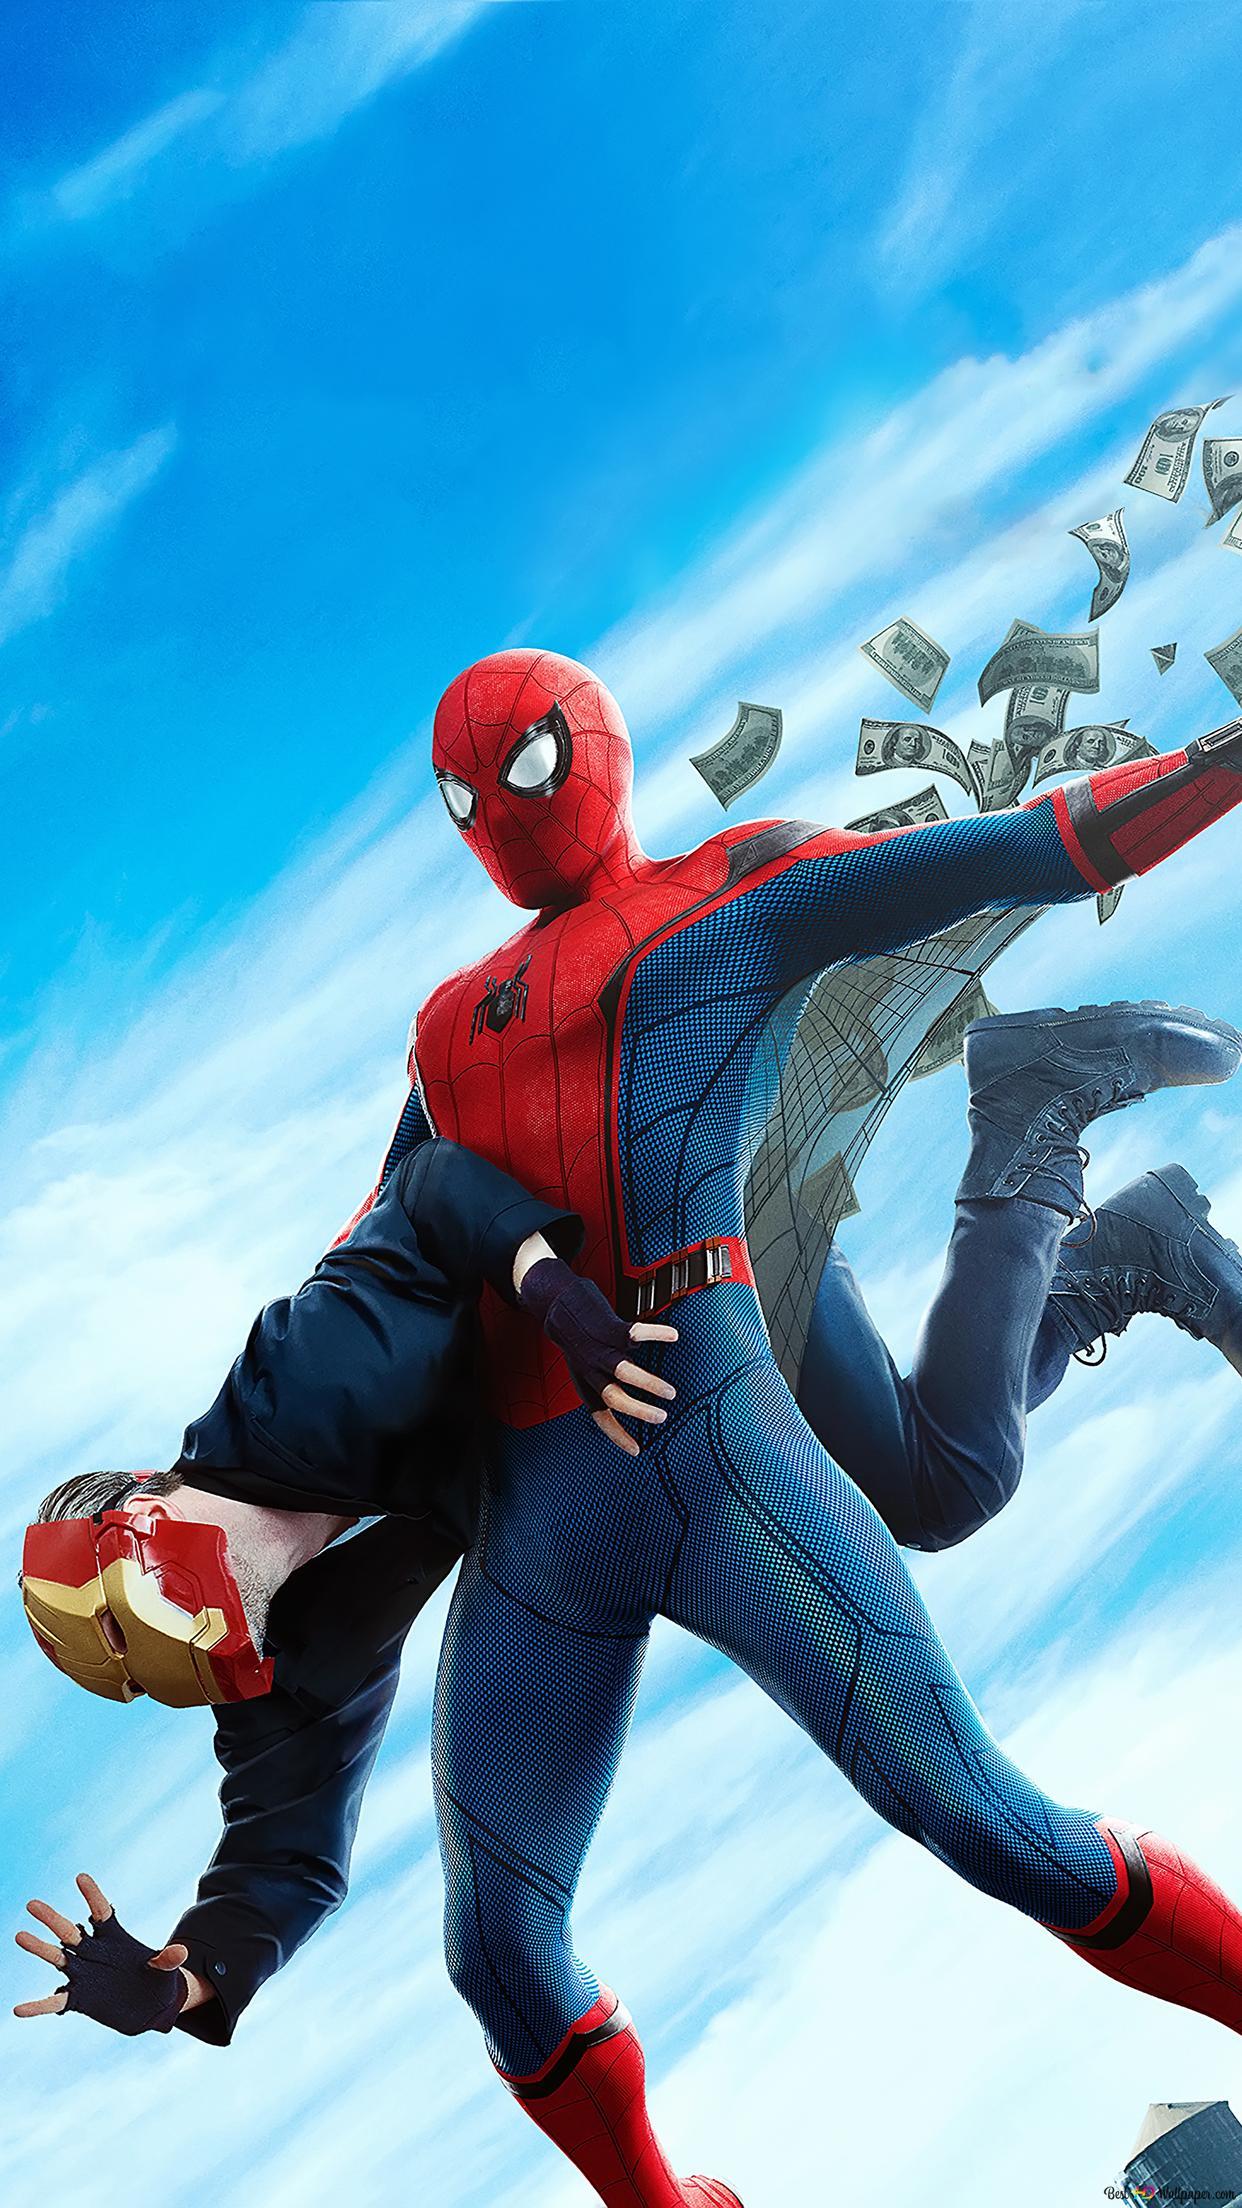 スパイダーマン ホームカミング映画 スパイダーマン銀行強盗と Hd